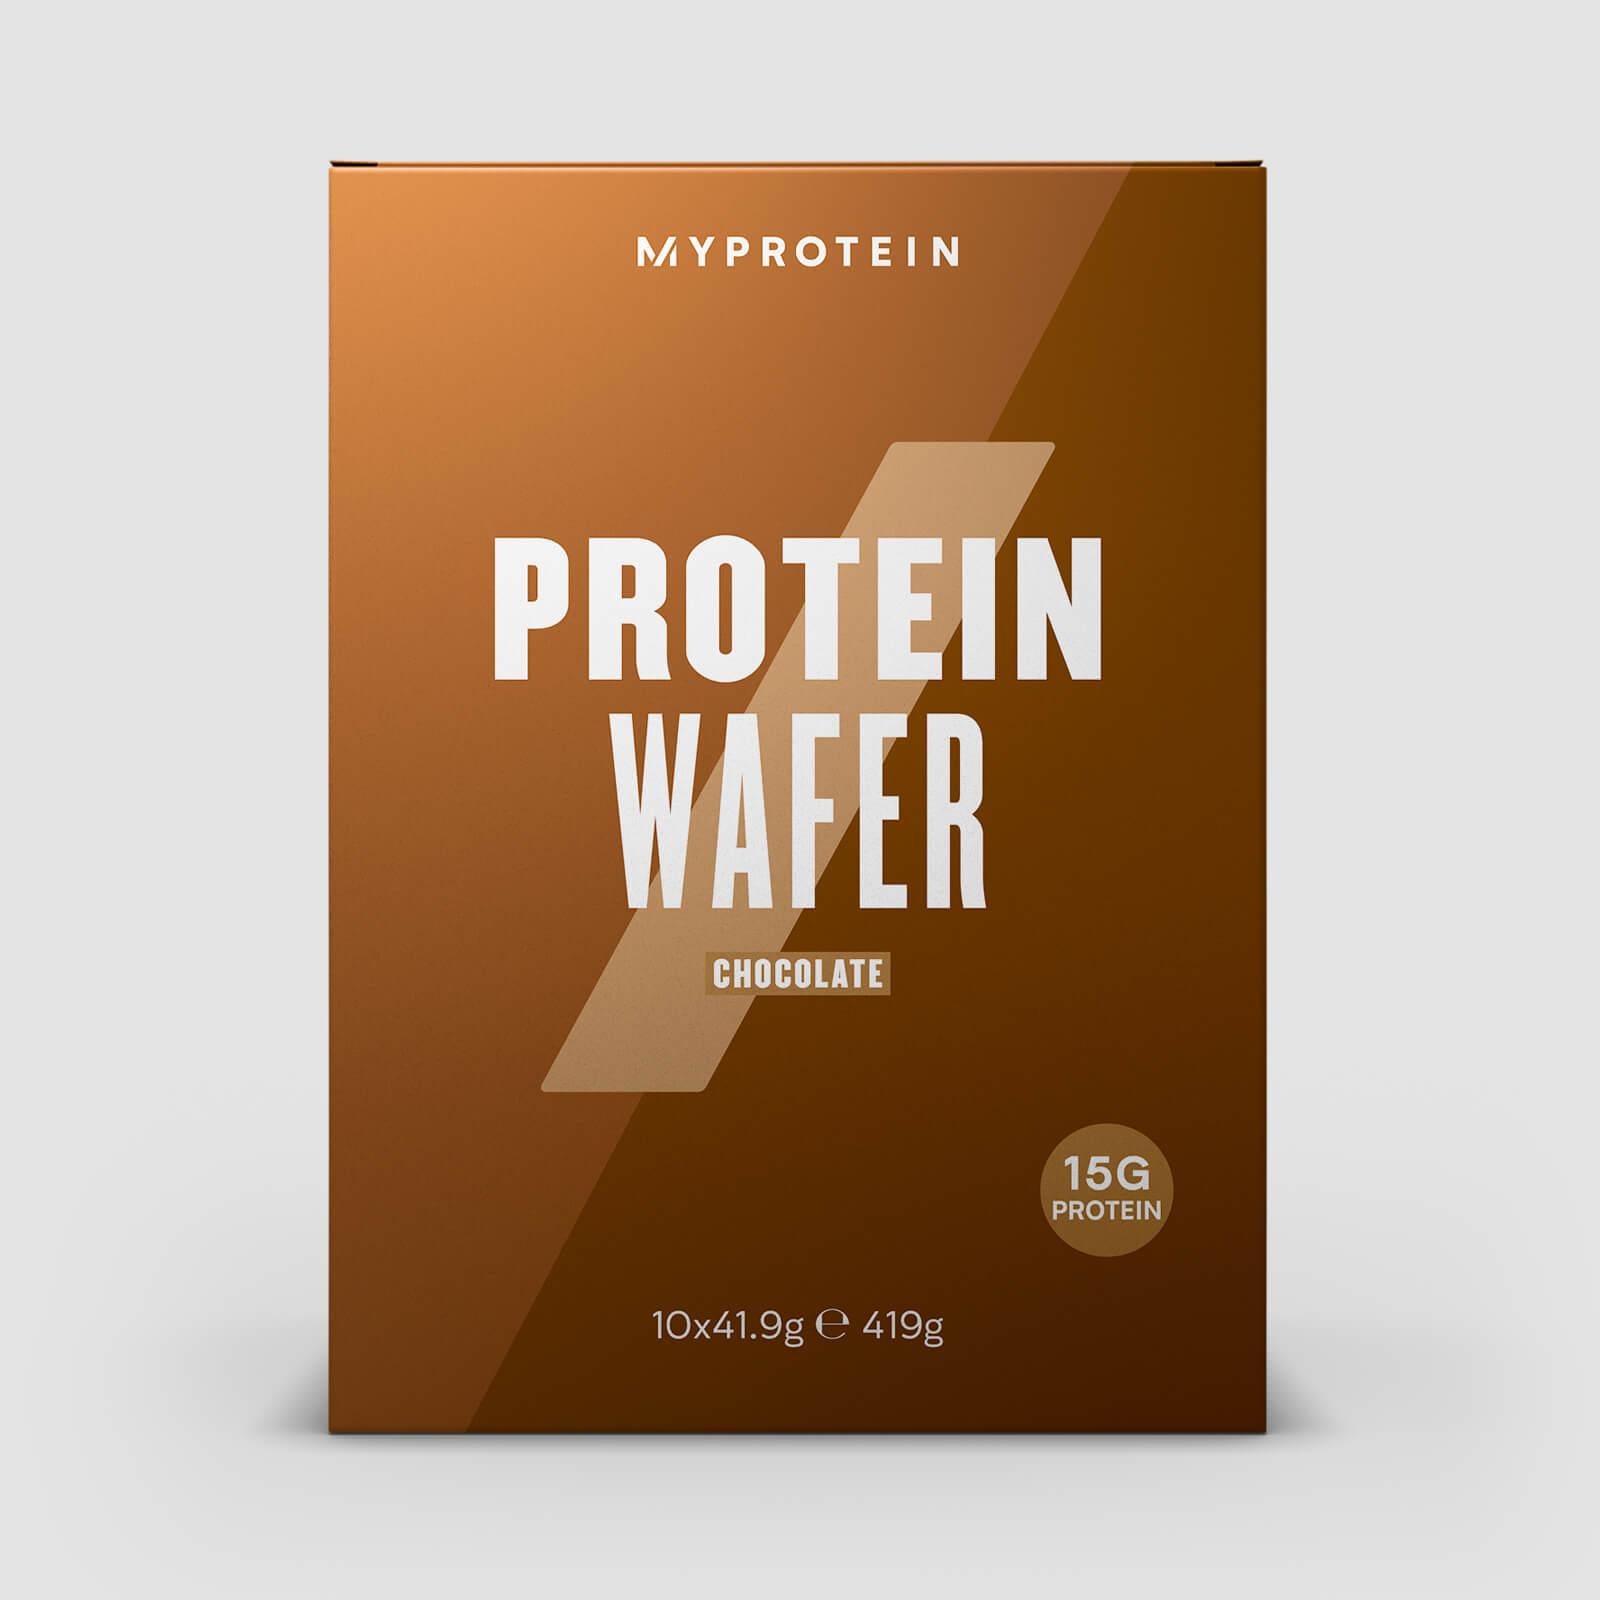 Protein Wafer | Healthy Food & Drink | MYPROTEIN™